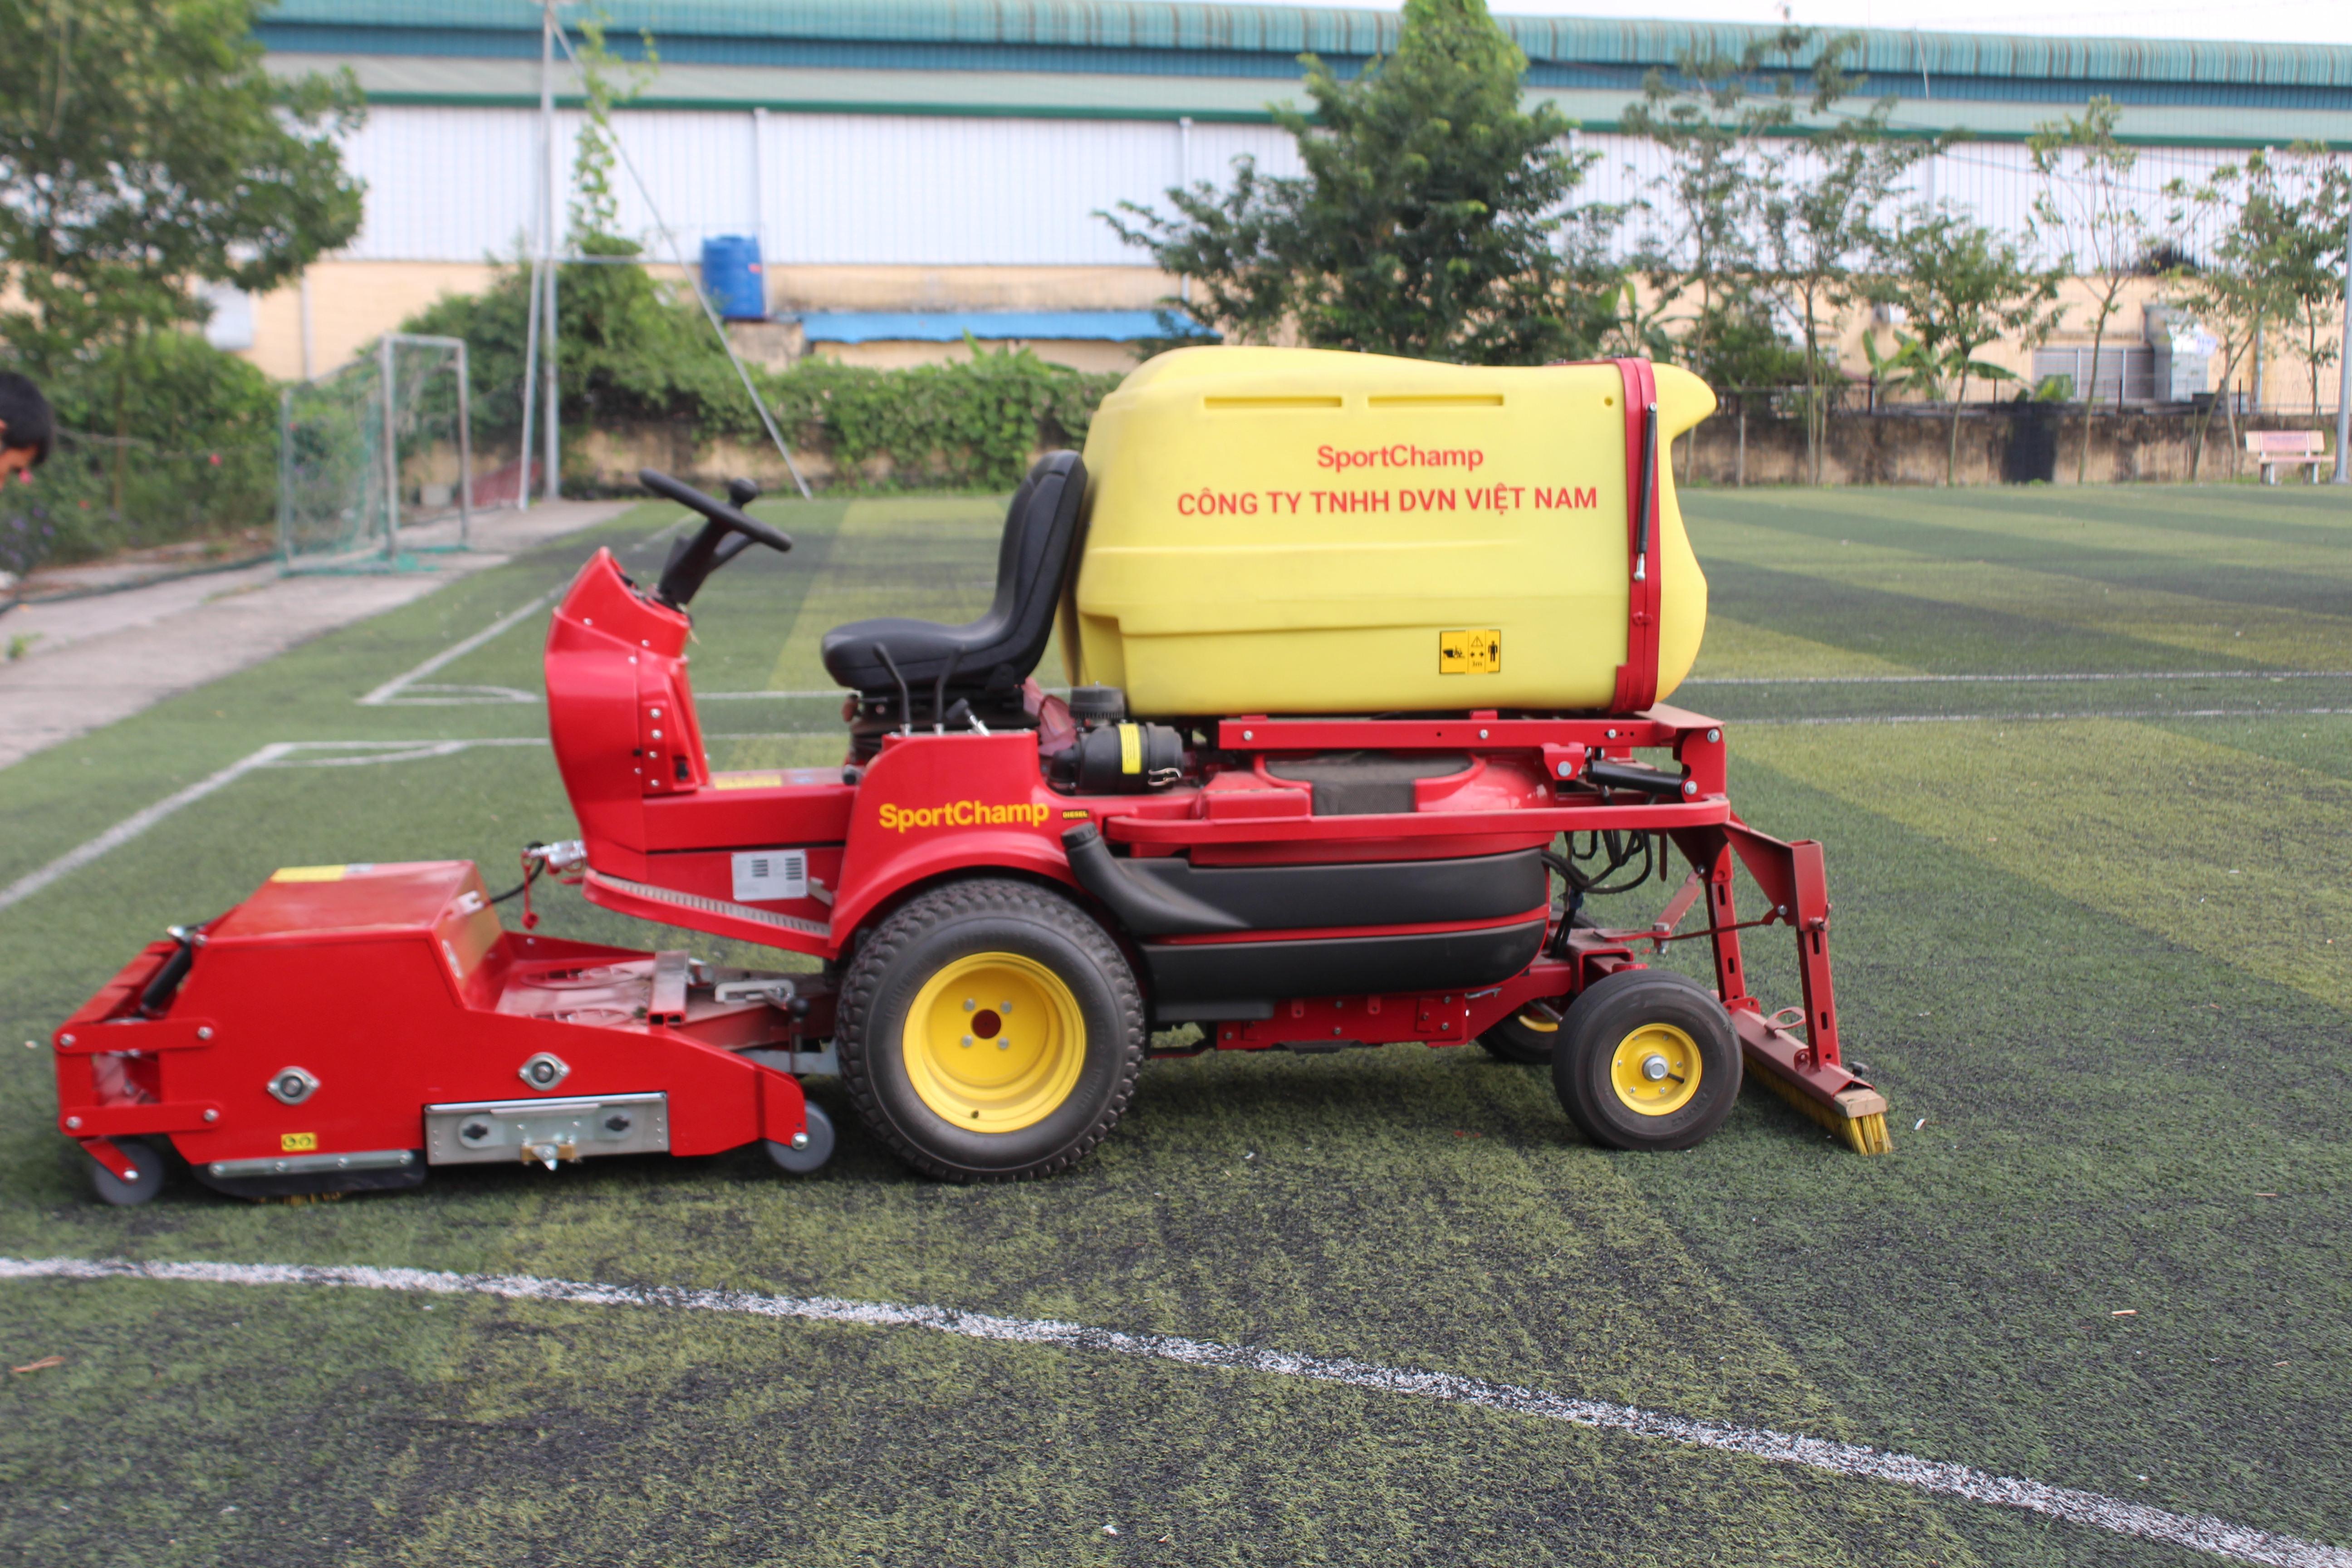 Bảo dưỡng sân bóng cỏ nhân tạo với máy Pportchamp tại Phố Nối, Hưng Yên 1